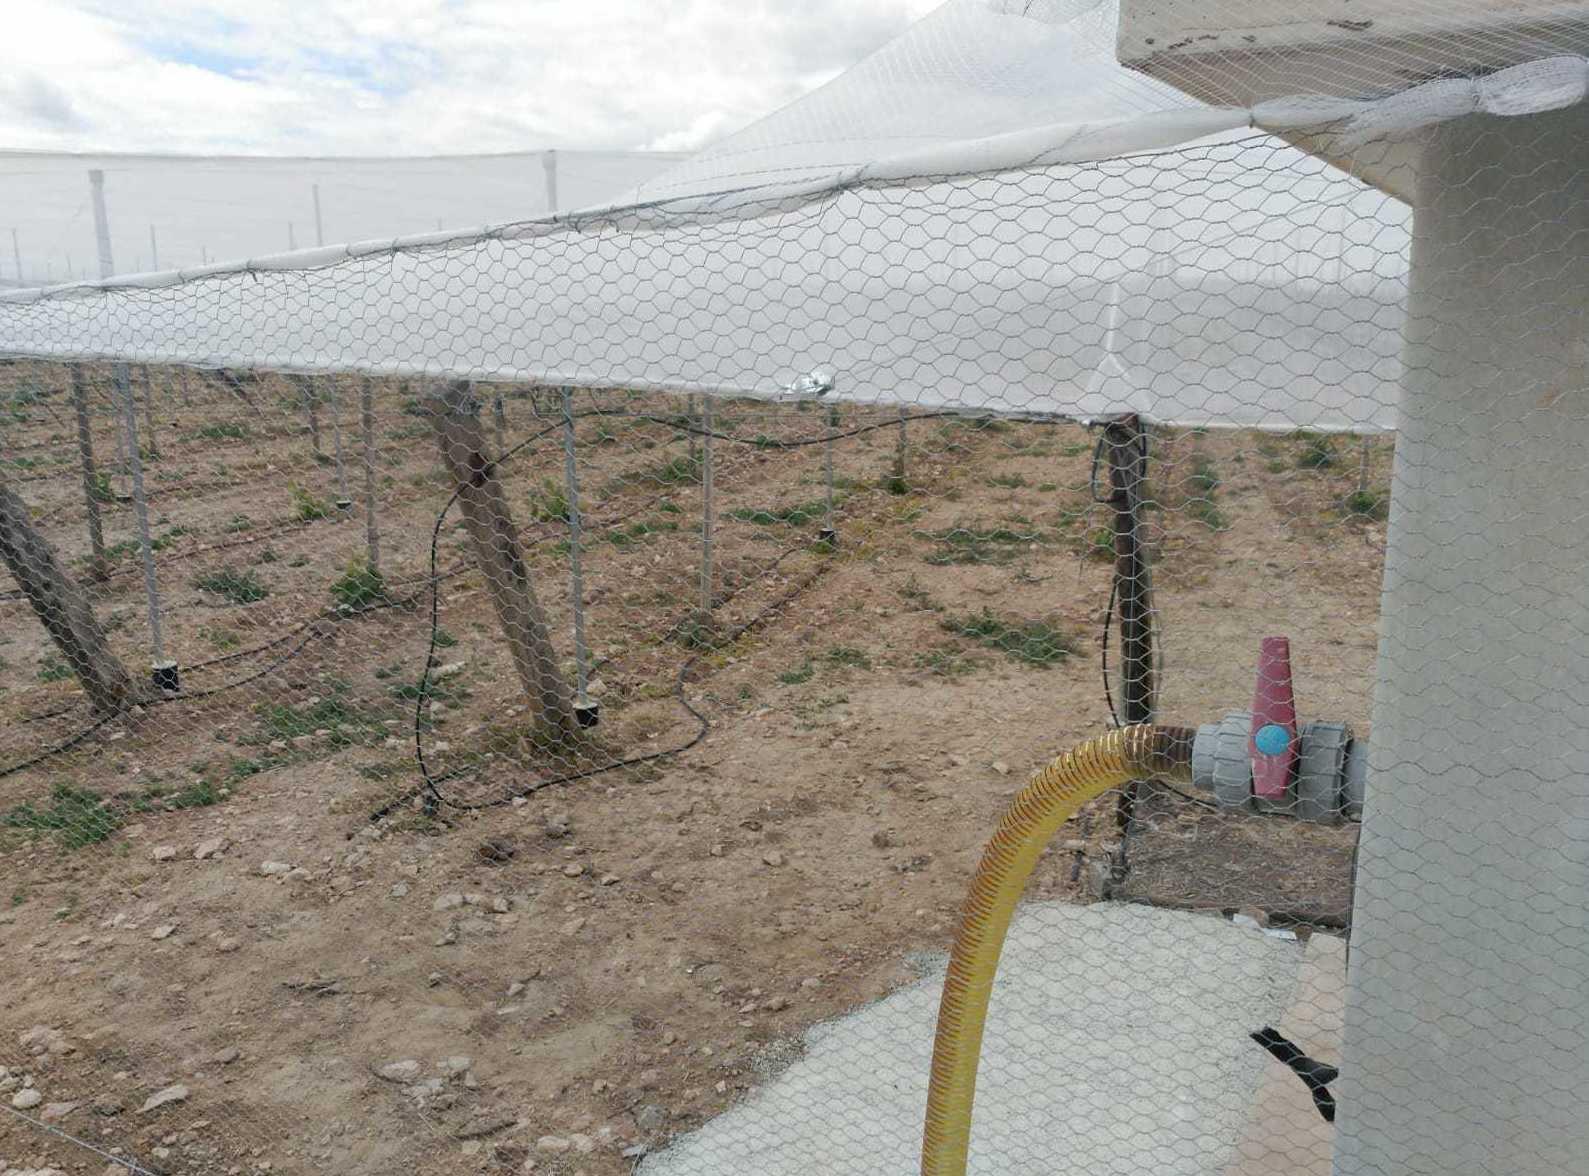 Foto 51 de Infraestructuras y trabajos agrícolas en La Murada – Orihuela | Mantenimiento y Estructuras Agrícolas Mateo e Hijo, S.L.